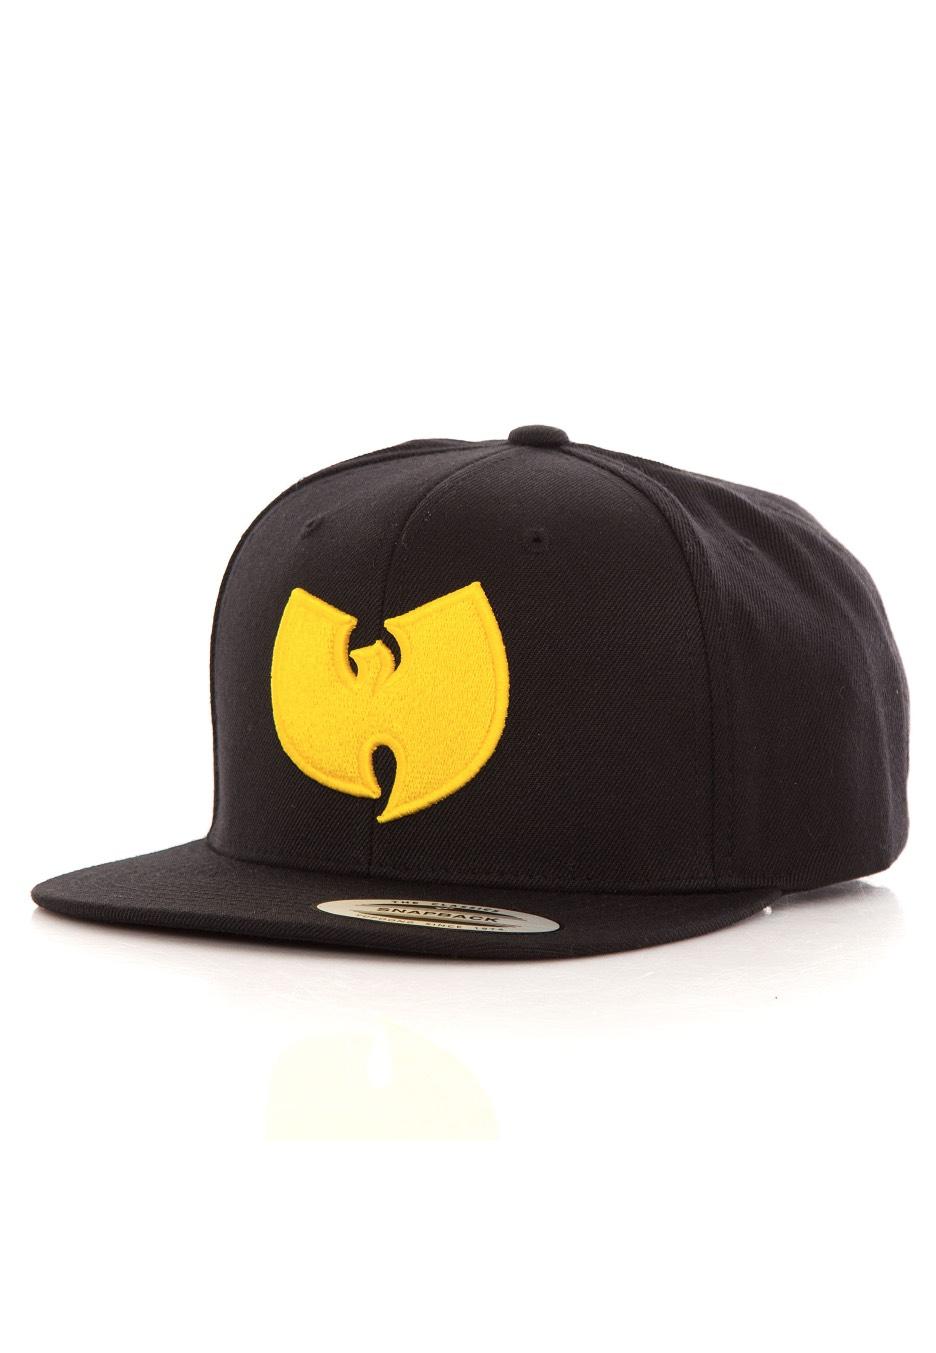 d539d91f25b62 Wu-Tang Clan - Logo - Gorra - Tienda Oficial de Pop Marcas - Impericon.com  ES